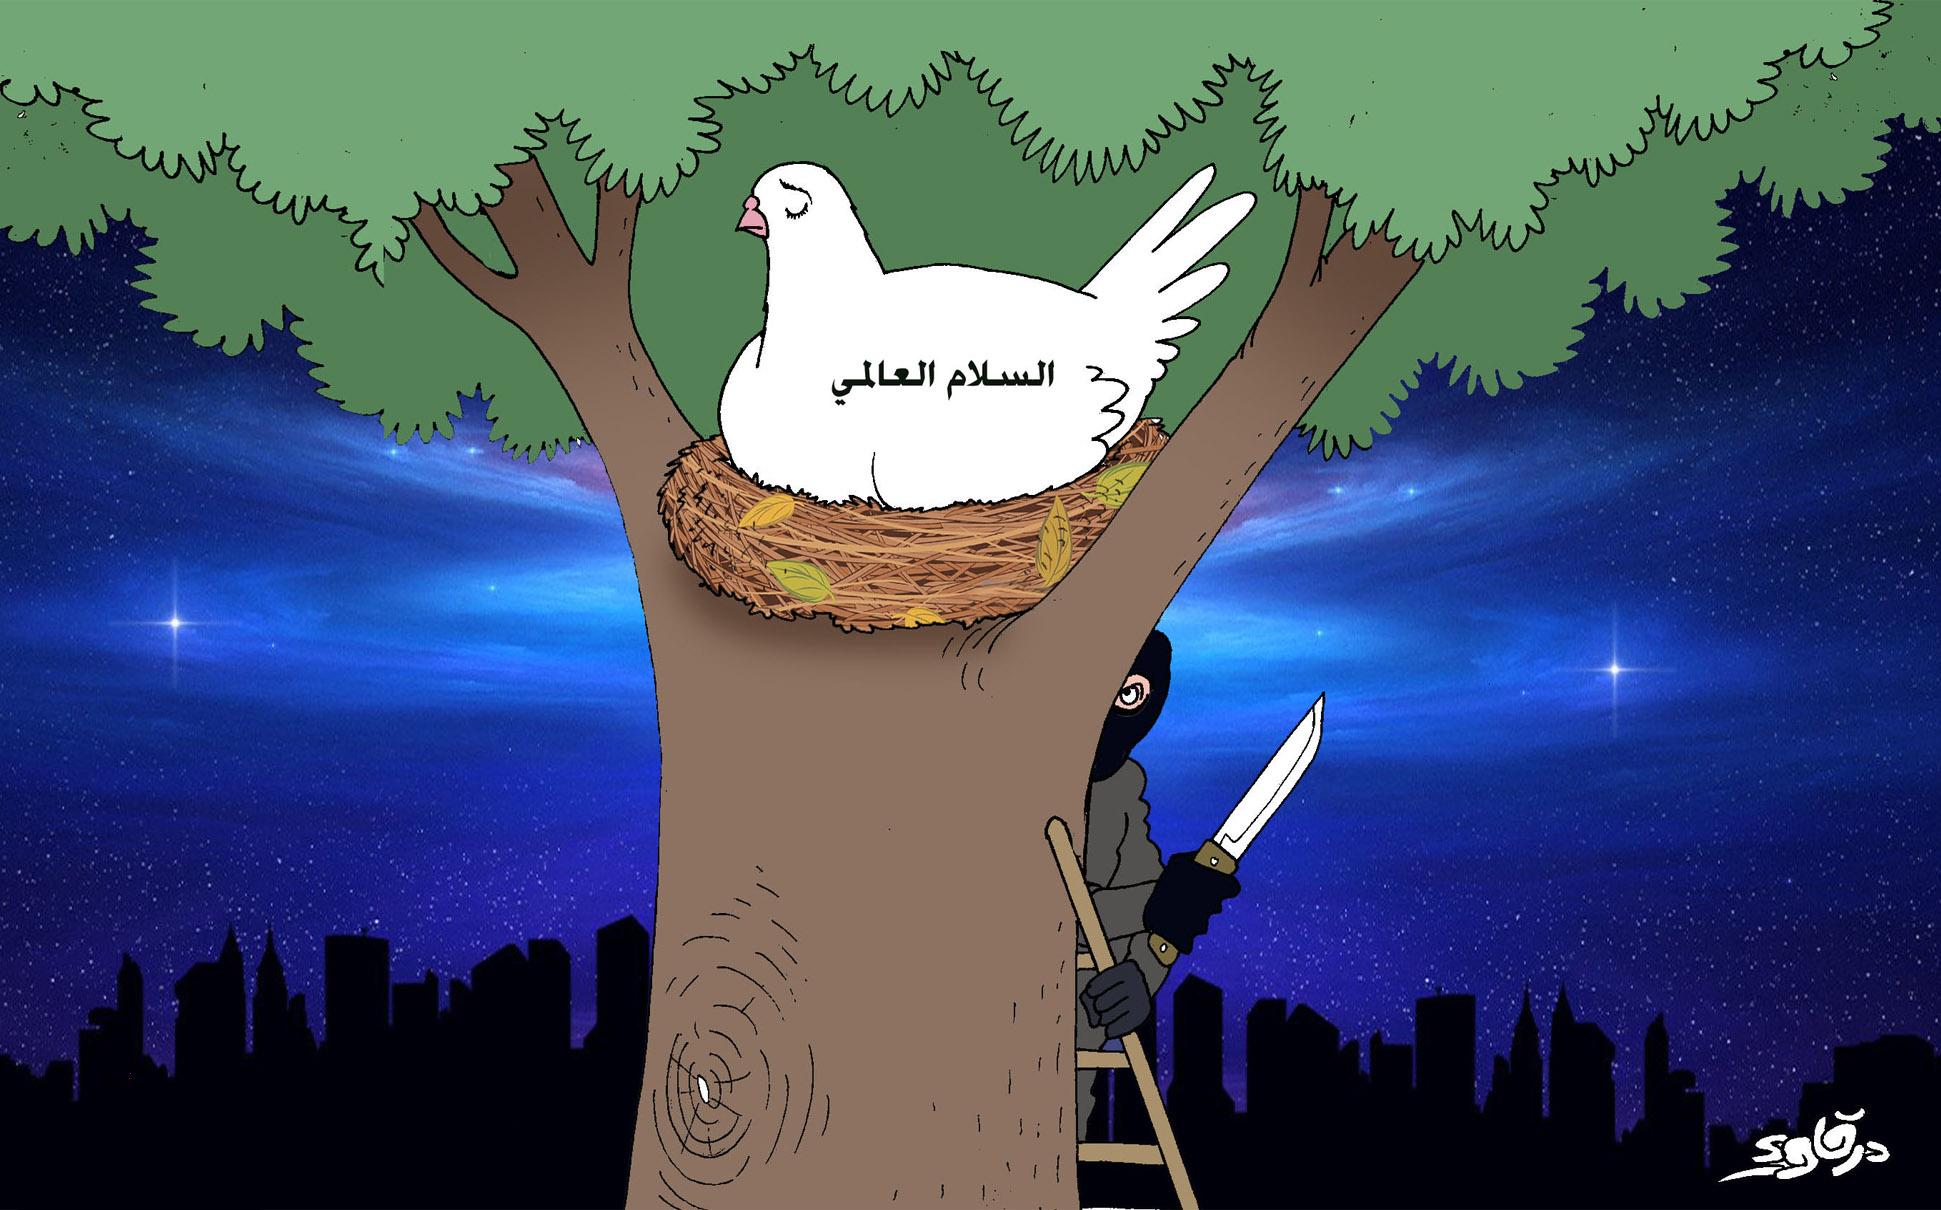 الارهاب والسلام العالمي